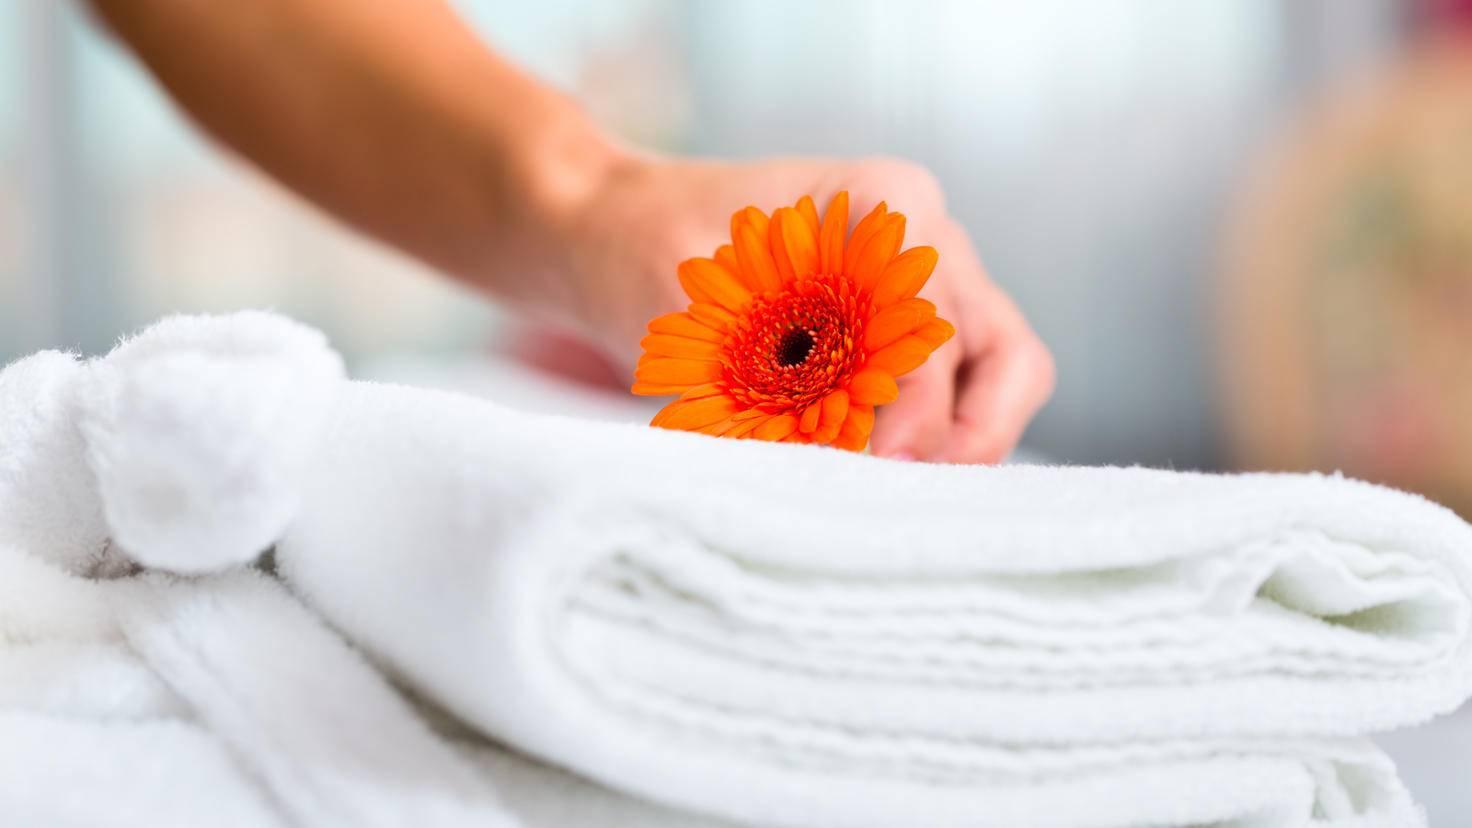 Wäsche-waschen-Umwelt-Blume-AdobeStock-Kzenon-46719331